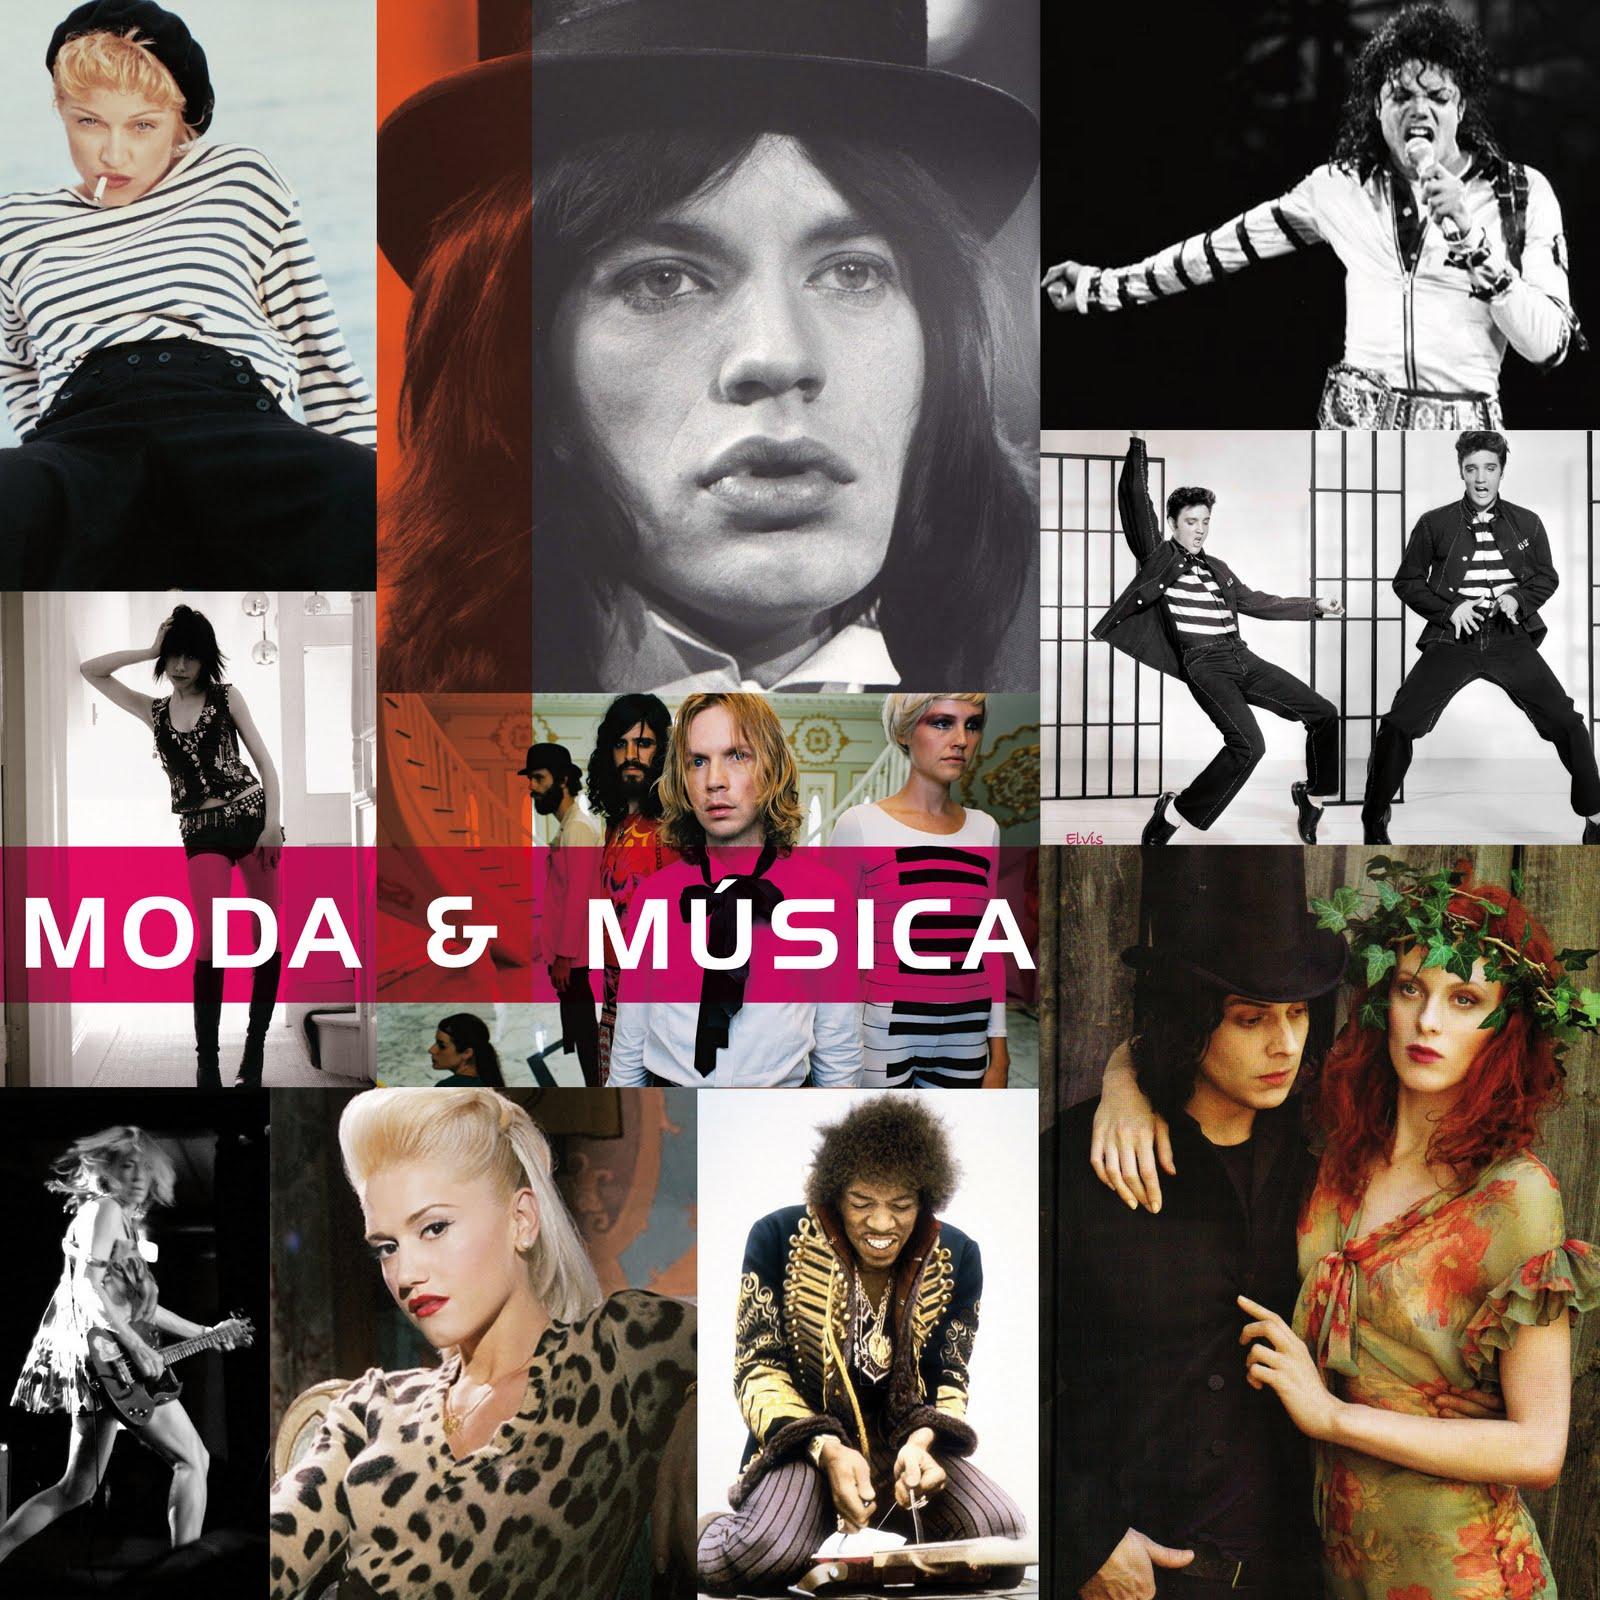 musica desfile moda: